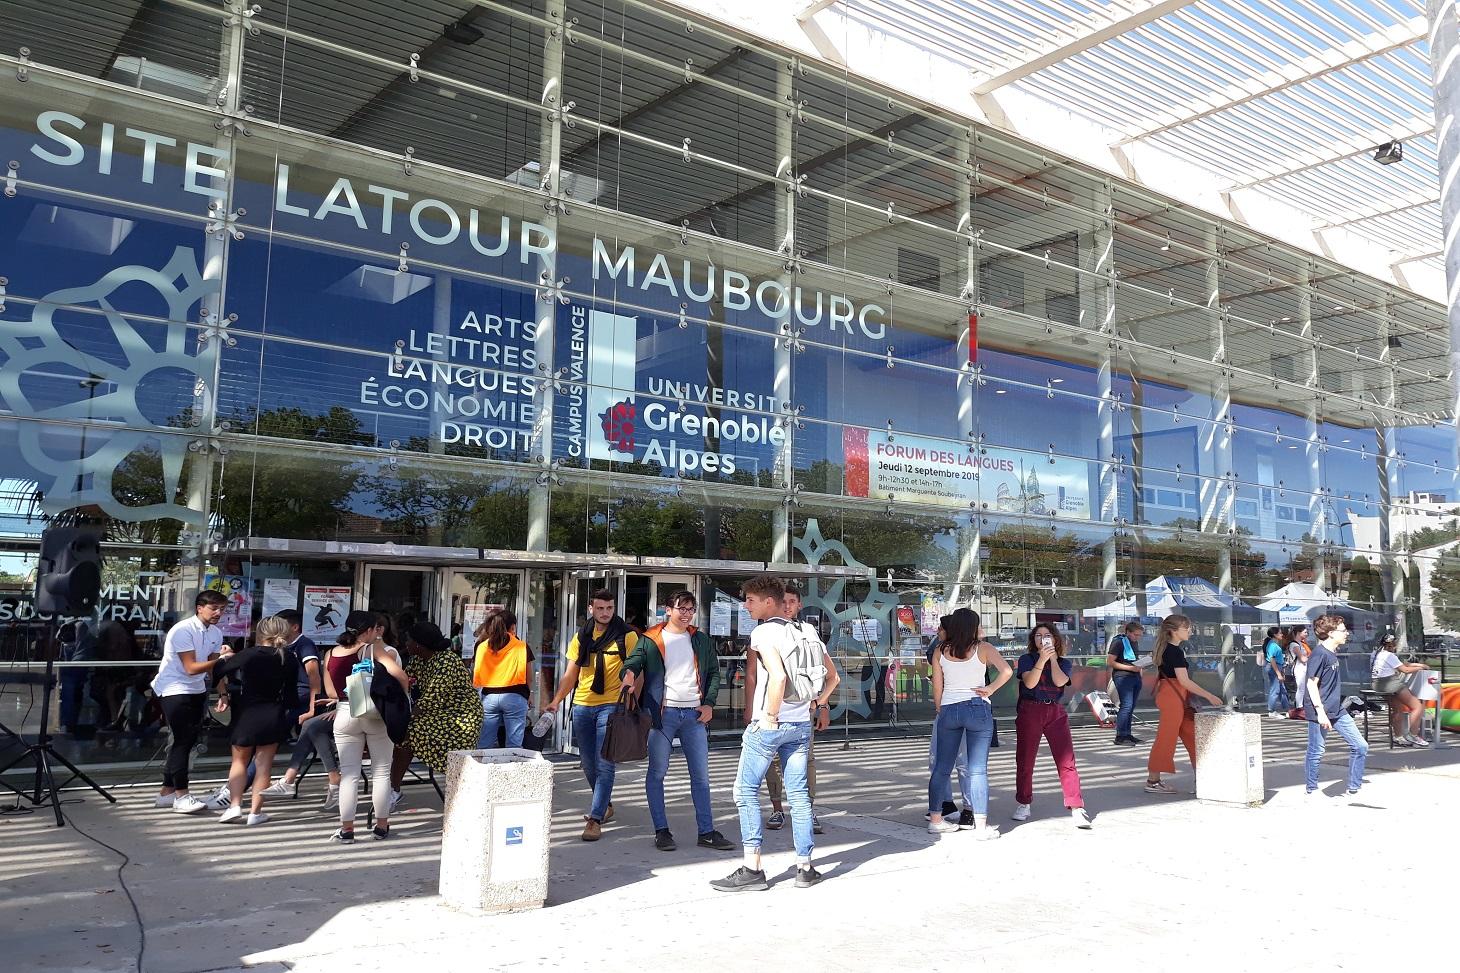 Latour Maubourg - UGA campus Valence